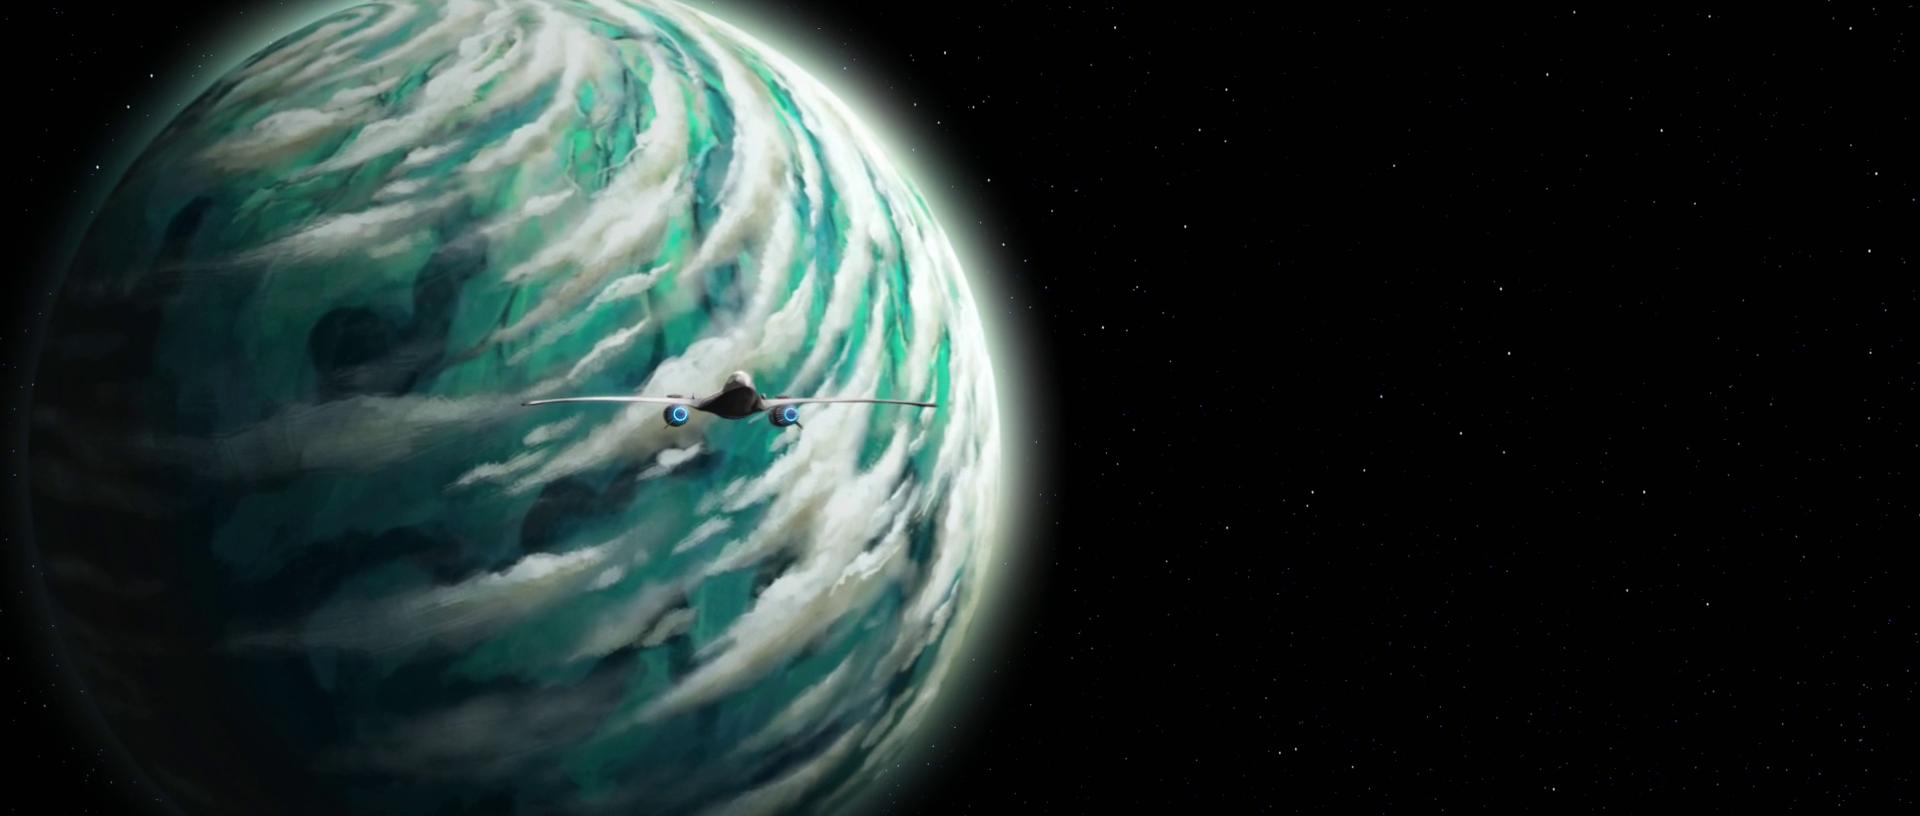 Cato Neimoidia system/Legends